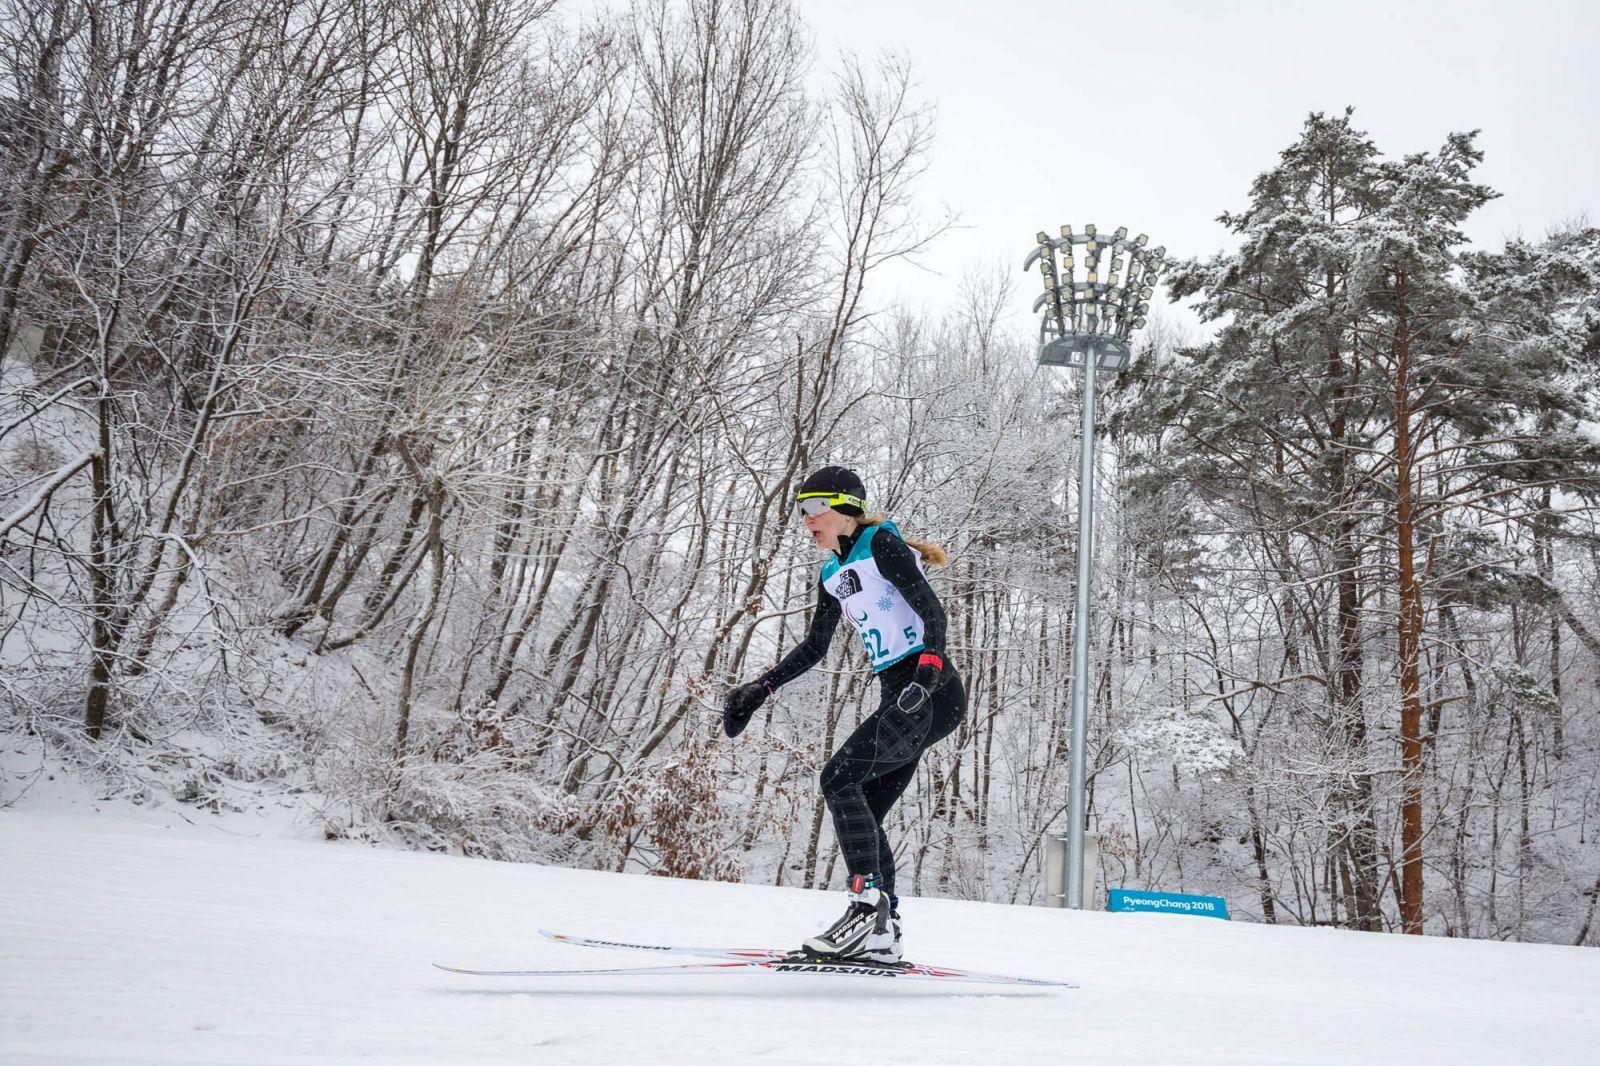 Паралимпиада-2018. 8 день. Екатерина Румянцева завоевала серебряную медаль в лыжных гонках на дистанции 7,5 км классическим стилем